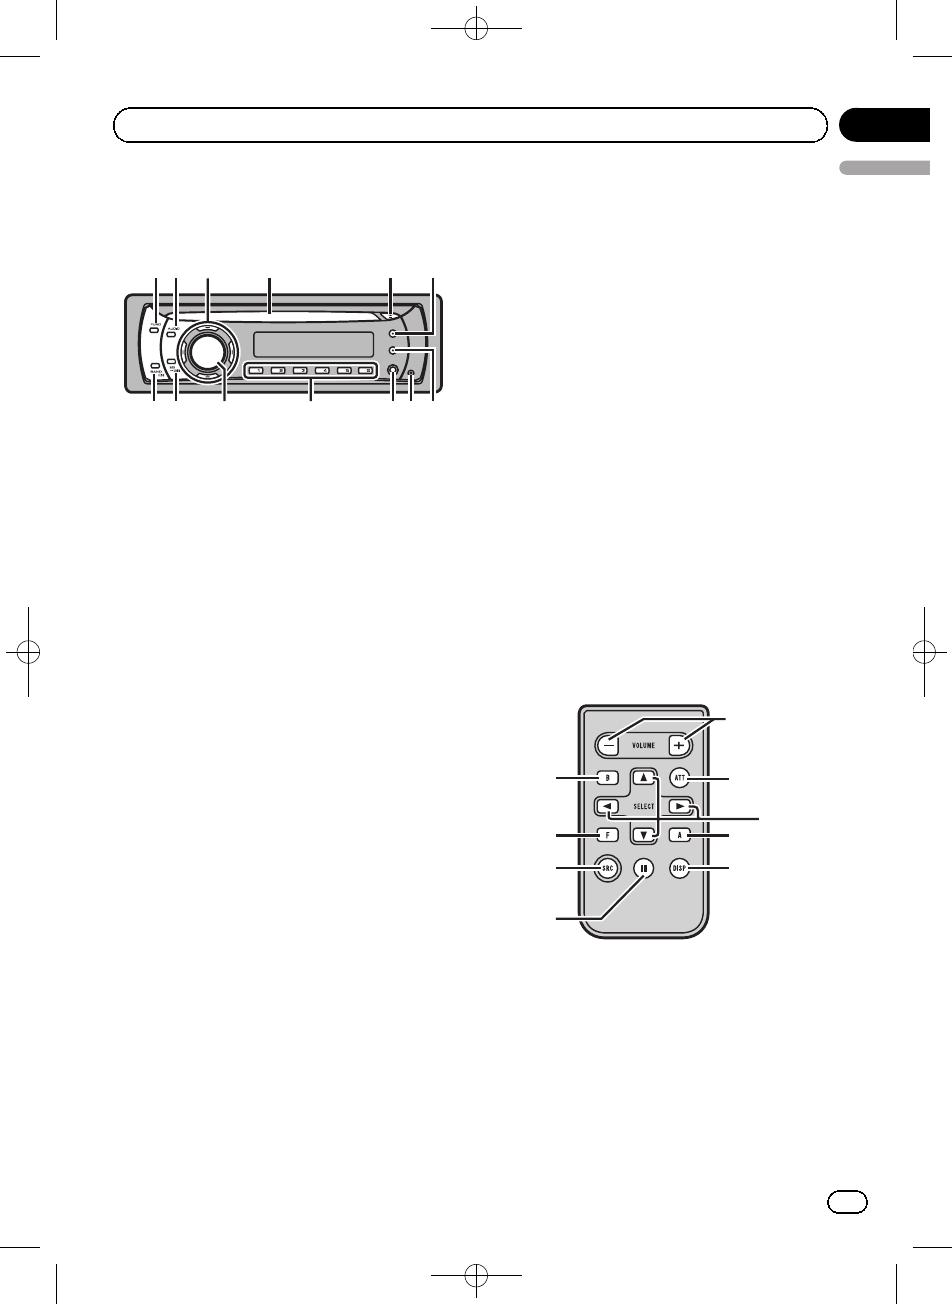 pioneer car audio user manual